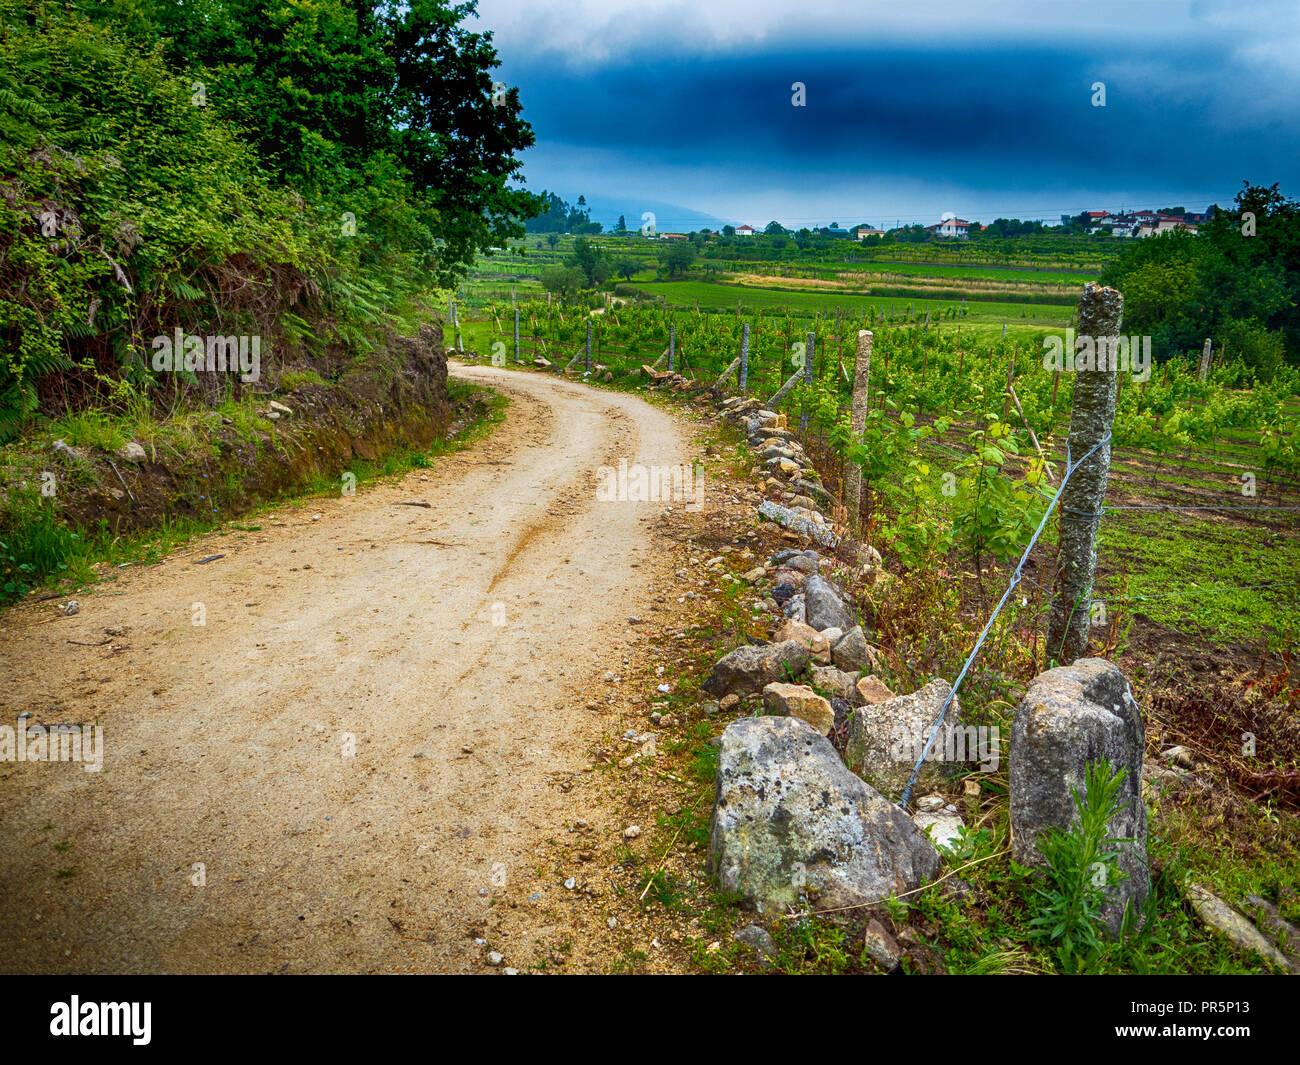 Rural Road Through a Portuguese Vineyard on the Camino de Santiago - Stock Image